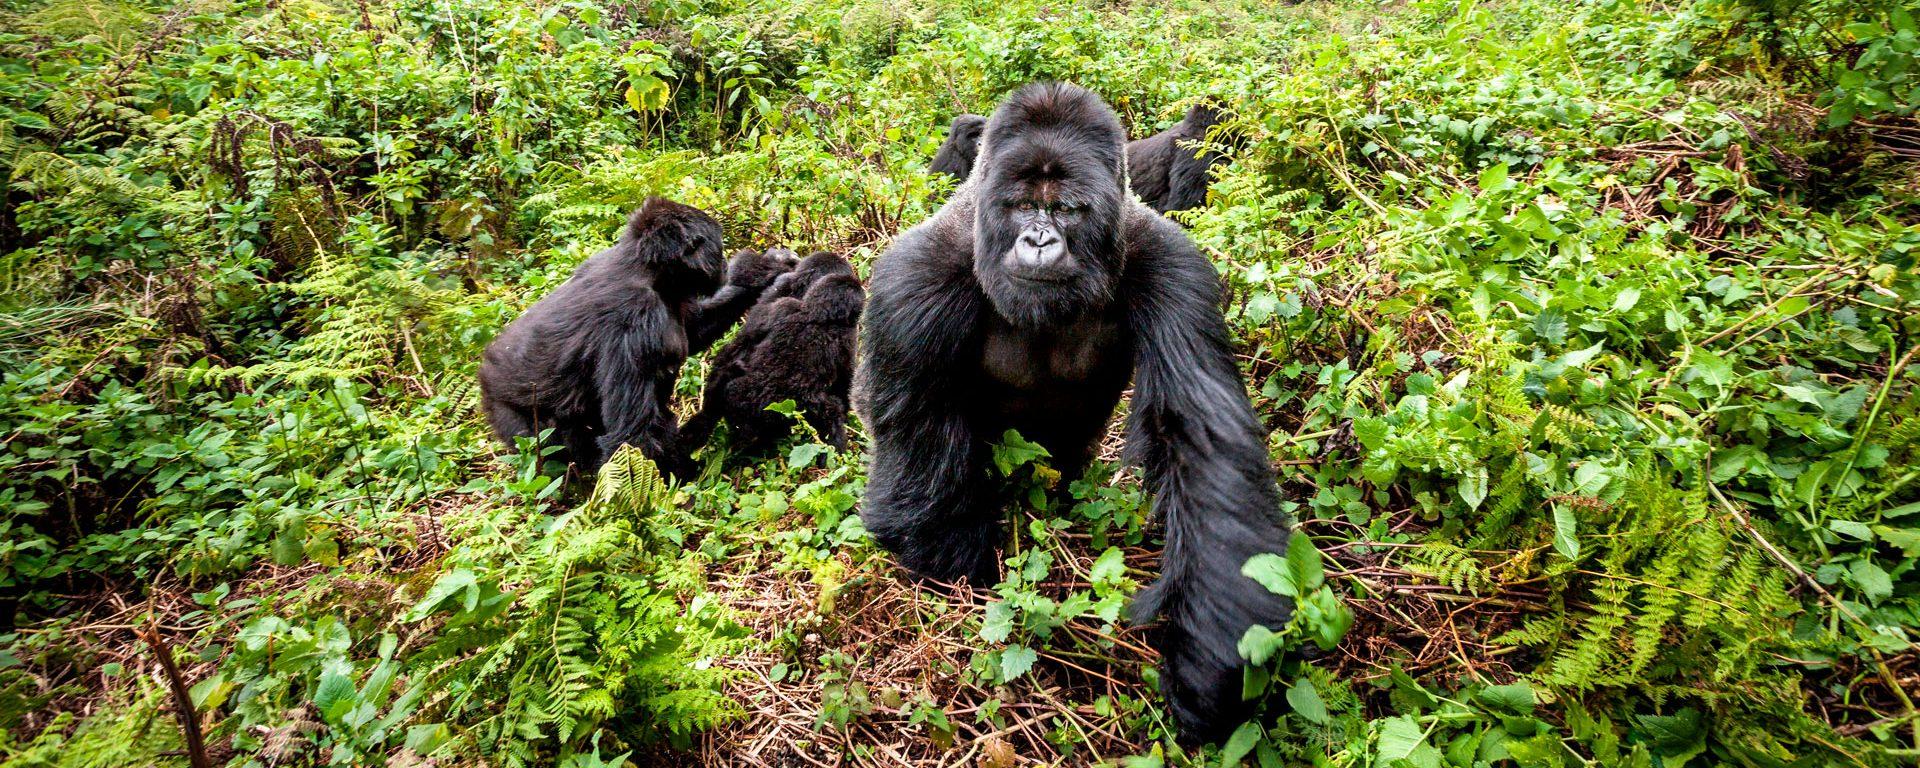 Rwanda gorilla trekking tours & safaris